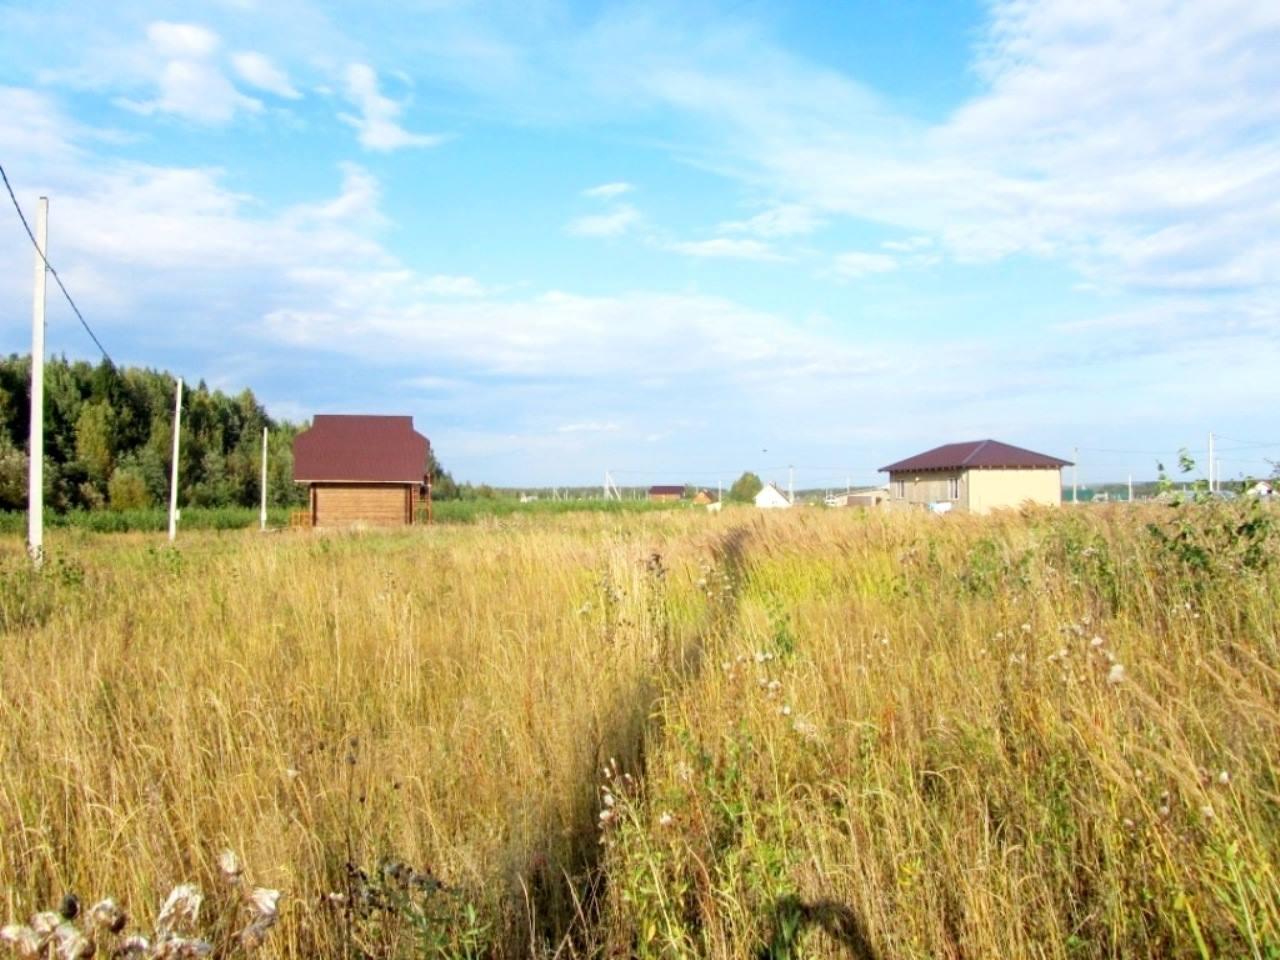 Комитет по управлению земельными ресурсами МСХ РК не знает количество неиспользуемых участков – прокуратура